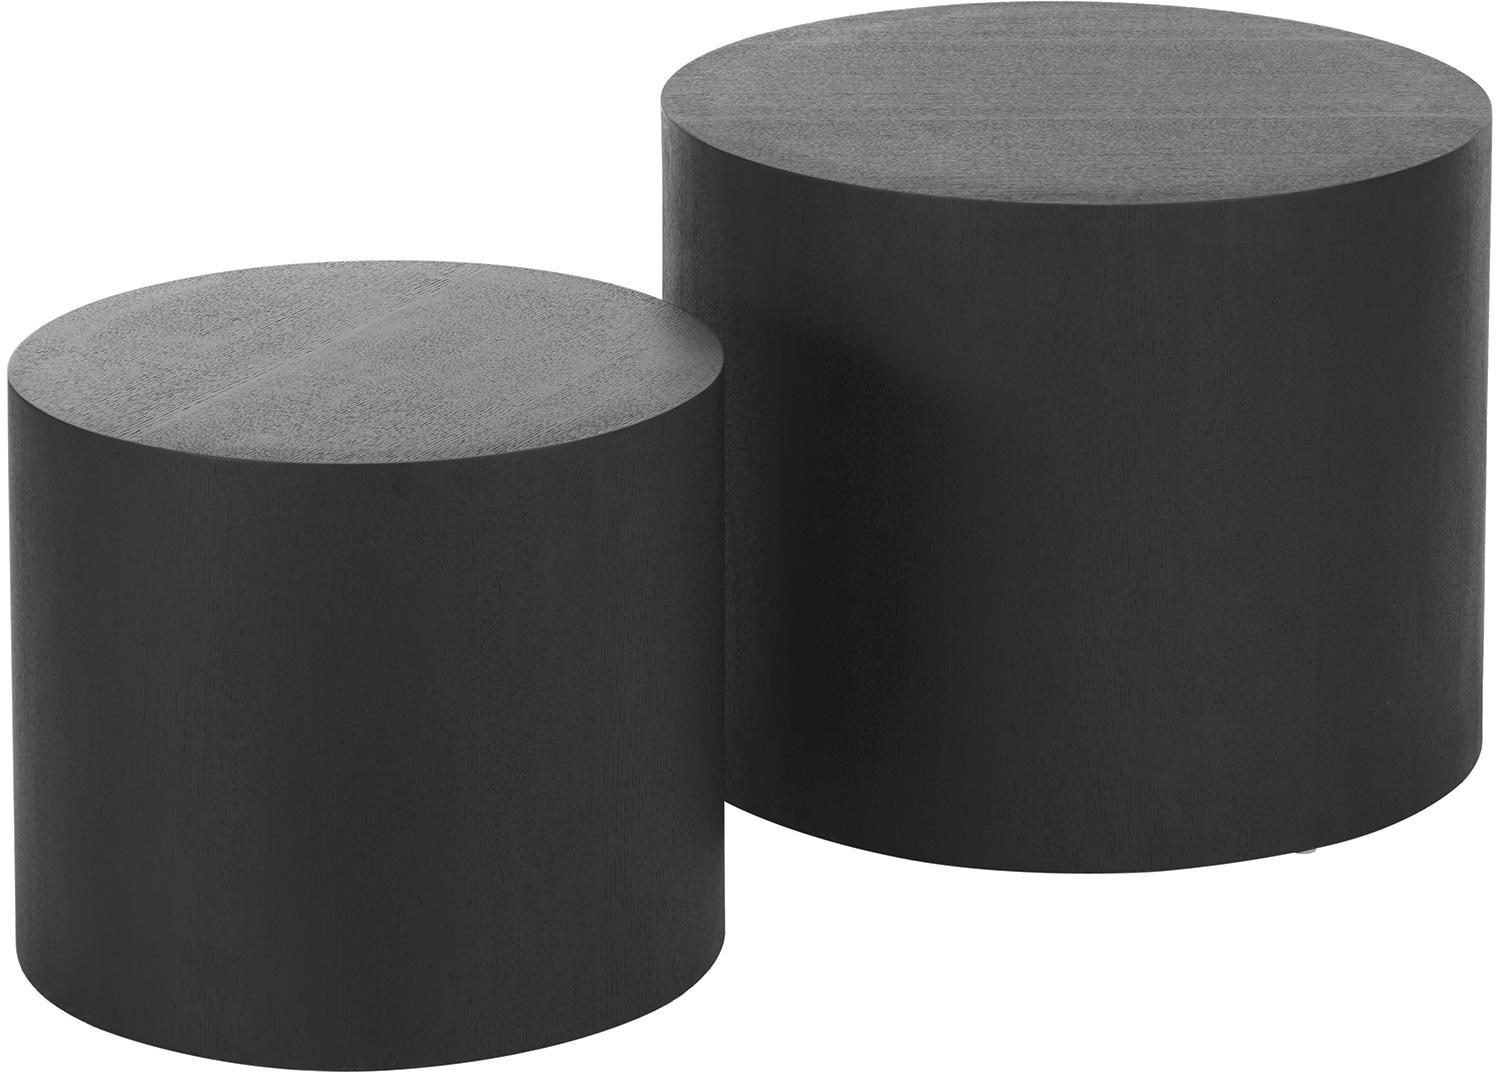 Komplet stolików pomocniczych z drewna Dan, 2 elem., Płyta pilśniowa (MDF) z fornirem z drewna jesionowego, Fornir z drewna jesionowego, czarny lakierowany, Komplet z różnymi rozmiarami